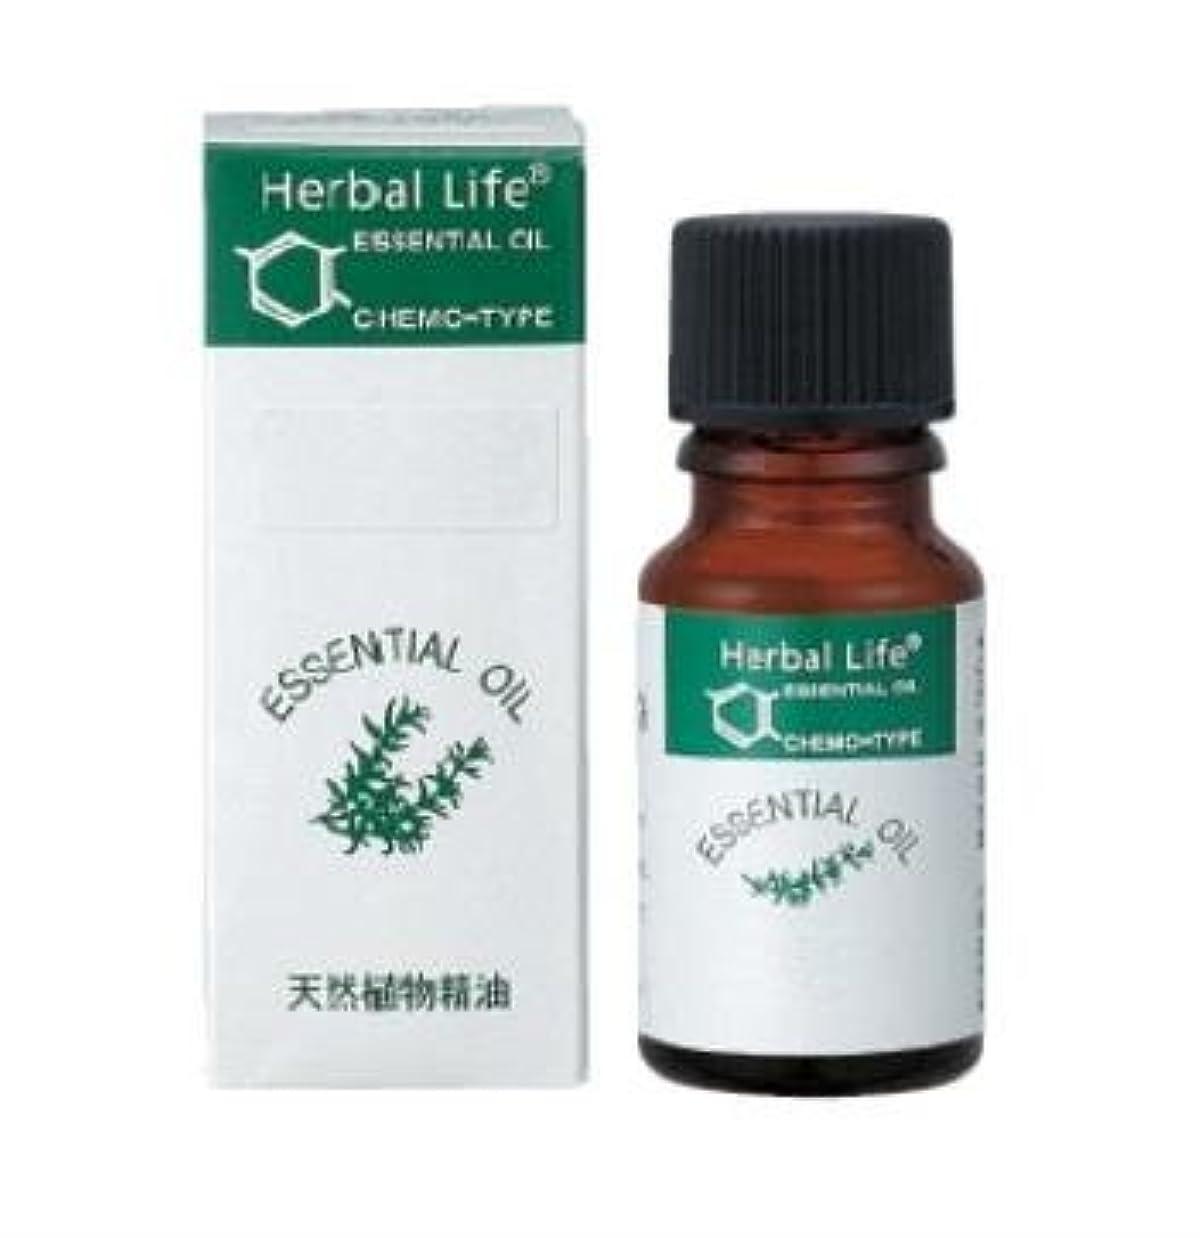 質素な偽屋内生活の木 エッセンシャルオイル キャロットシード 精油 10ml アロマオイル アロマ